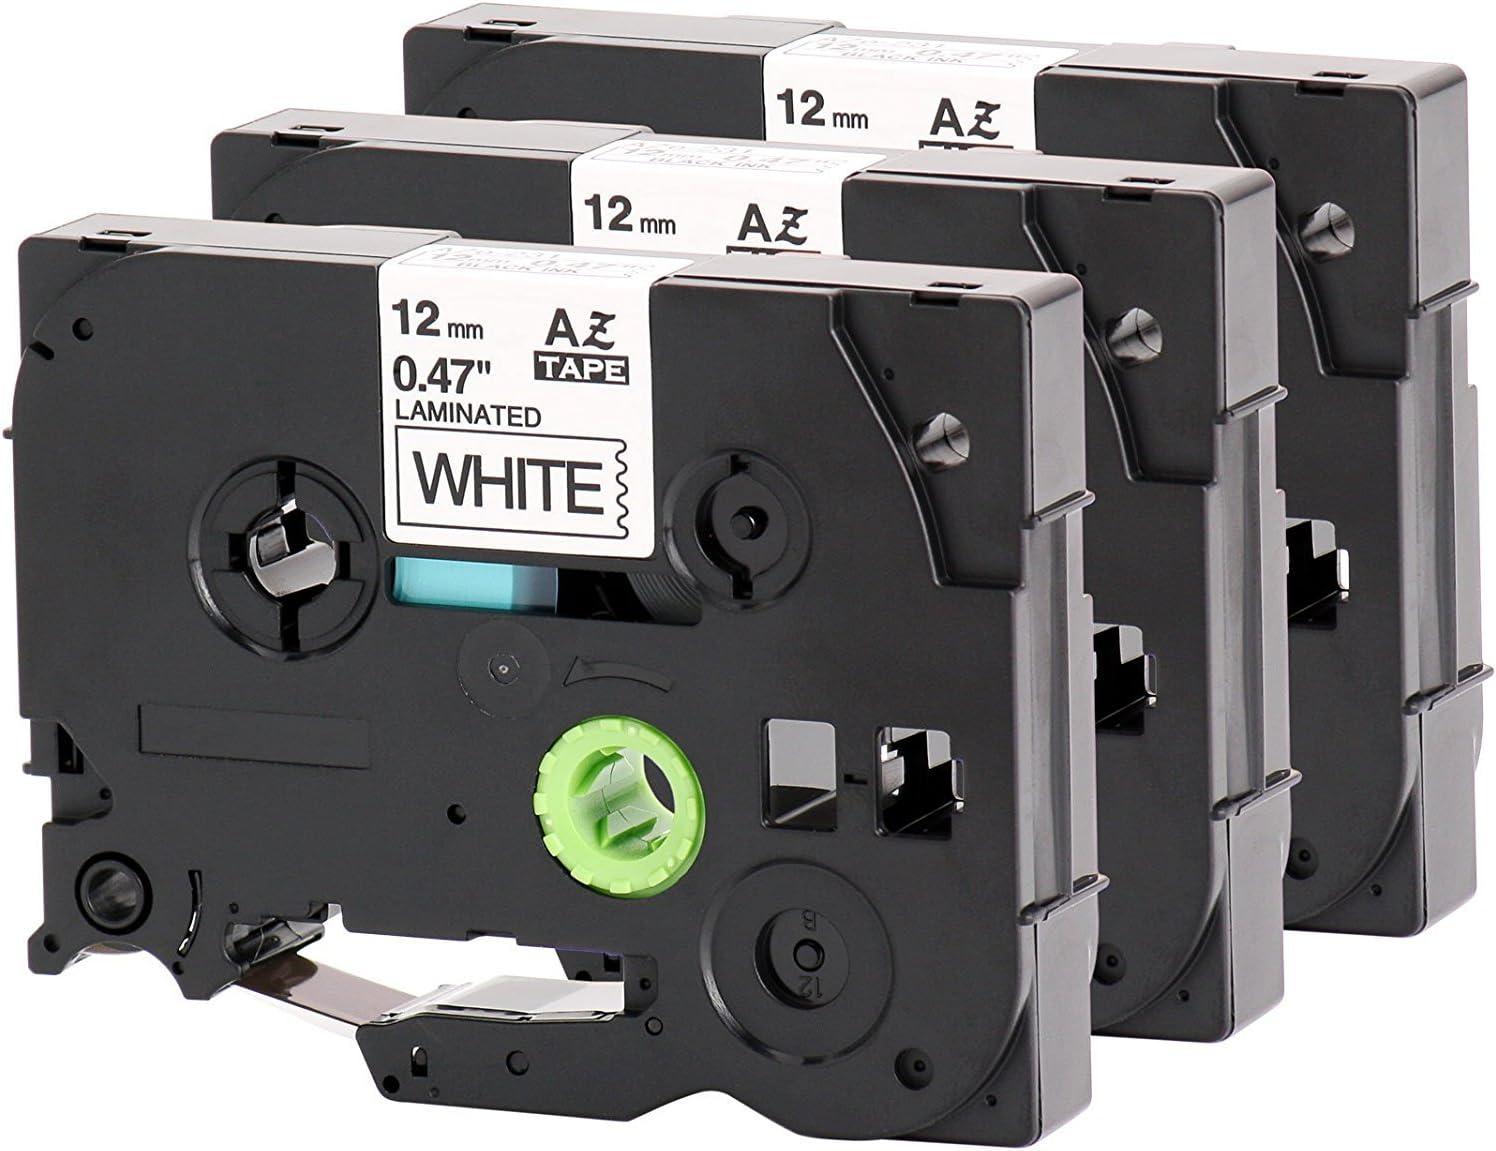 3x SCHRIFTBAND KASSETTE 12mm für BROTHER TZ-231 P-Touch D200 D200VP E300